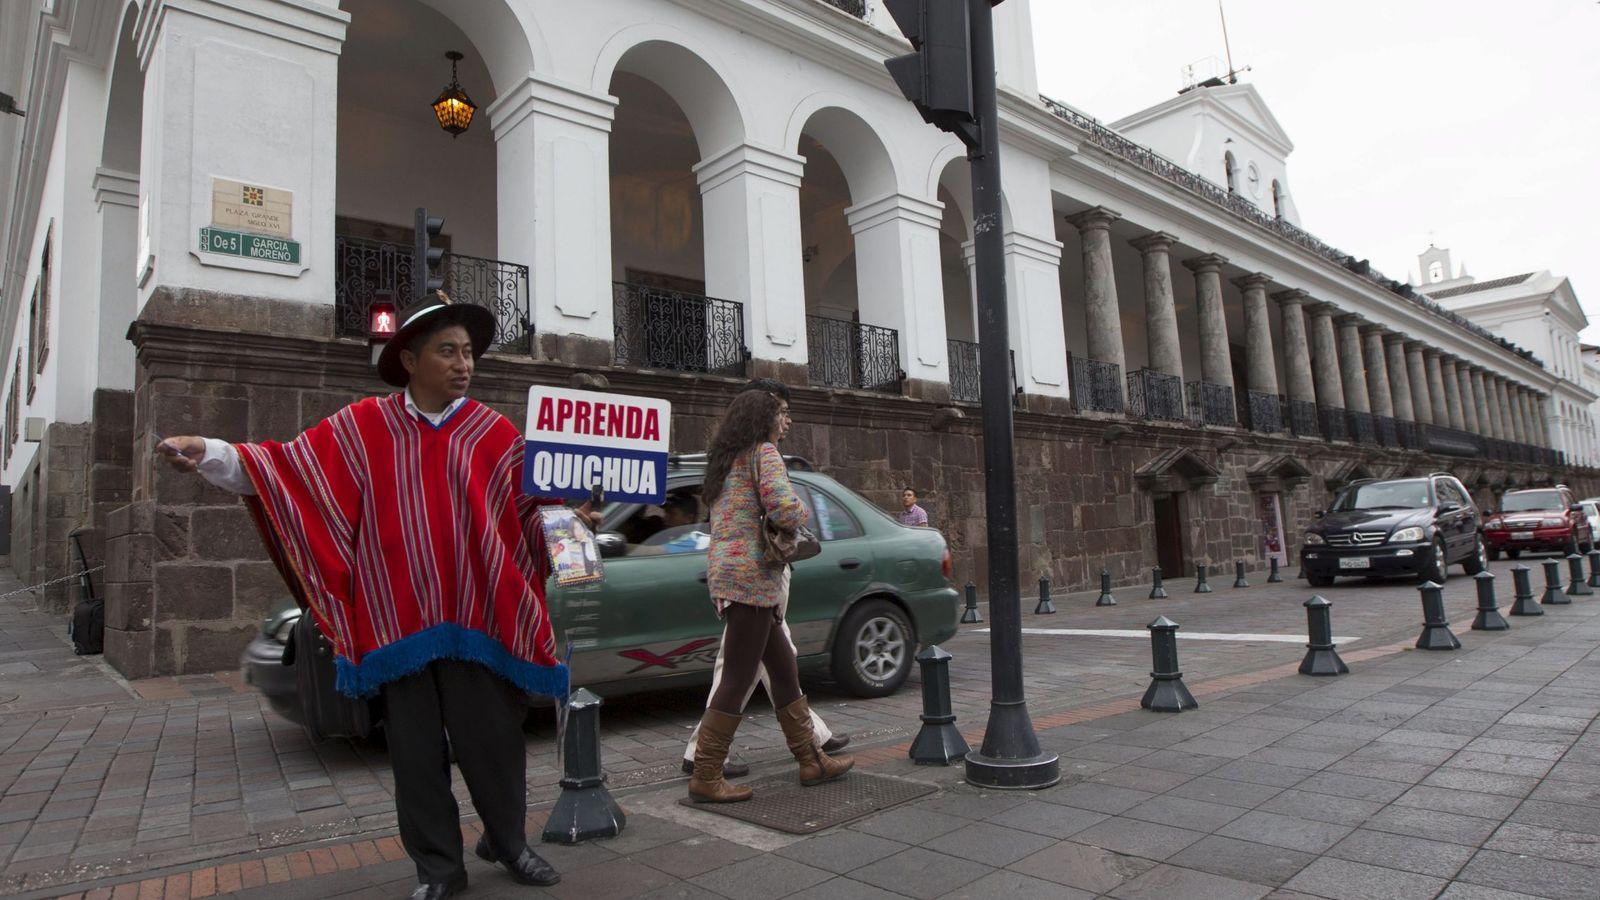 Foto: El indígena Huaira Pilataxi ofrece cursos de lengua quichua online en Quito, en enero de 2016 (Reuters)